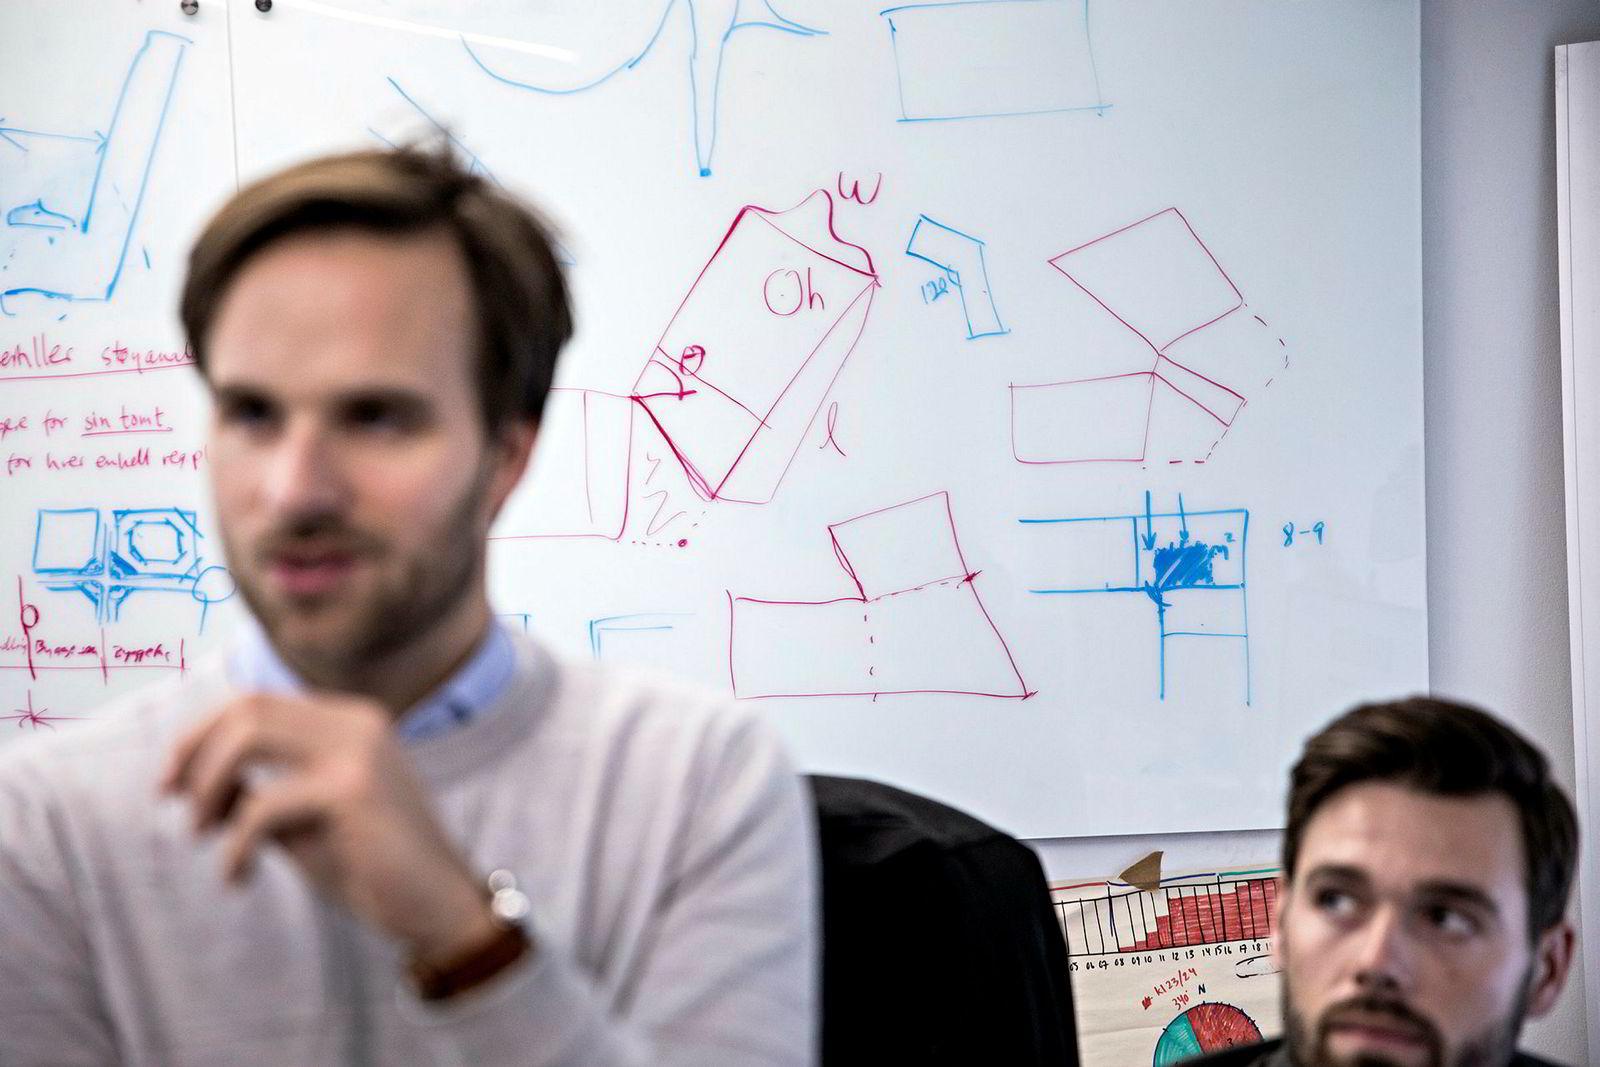 Håvard Haukeland (til venstre) har inntil nylig vært den eneste med arkitektbakgrunn i Spacemaker. Nede til høyre skimtes Håkon Kongelf, som gjennomfører sin doktorgrad på NTNU ved å jobbe hos Spacemaker.